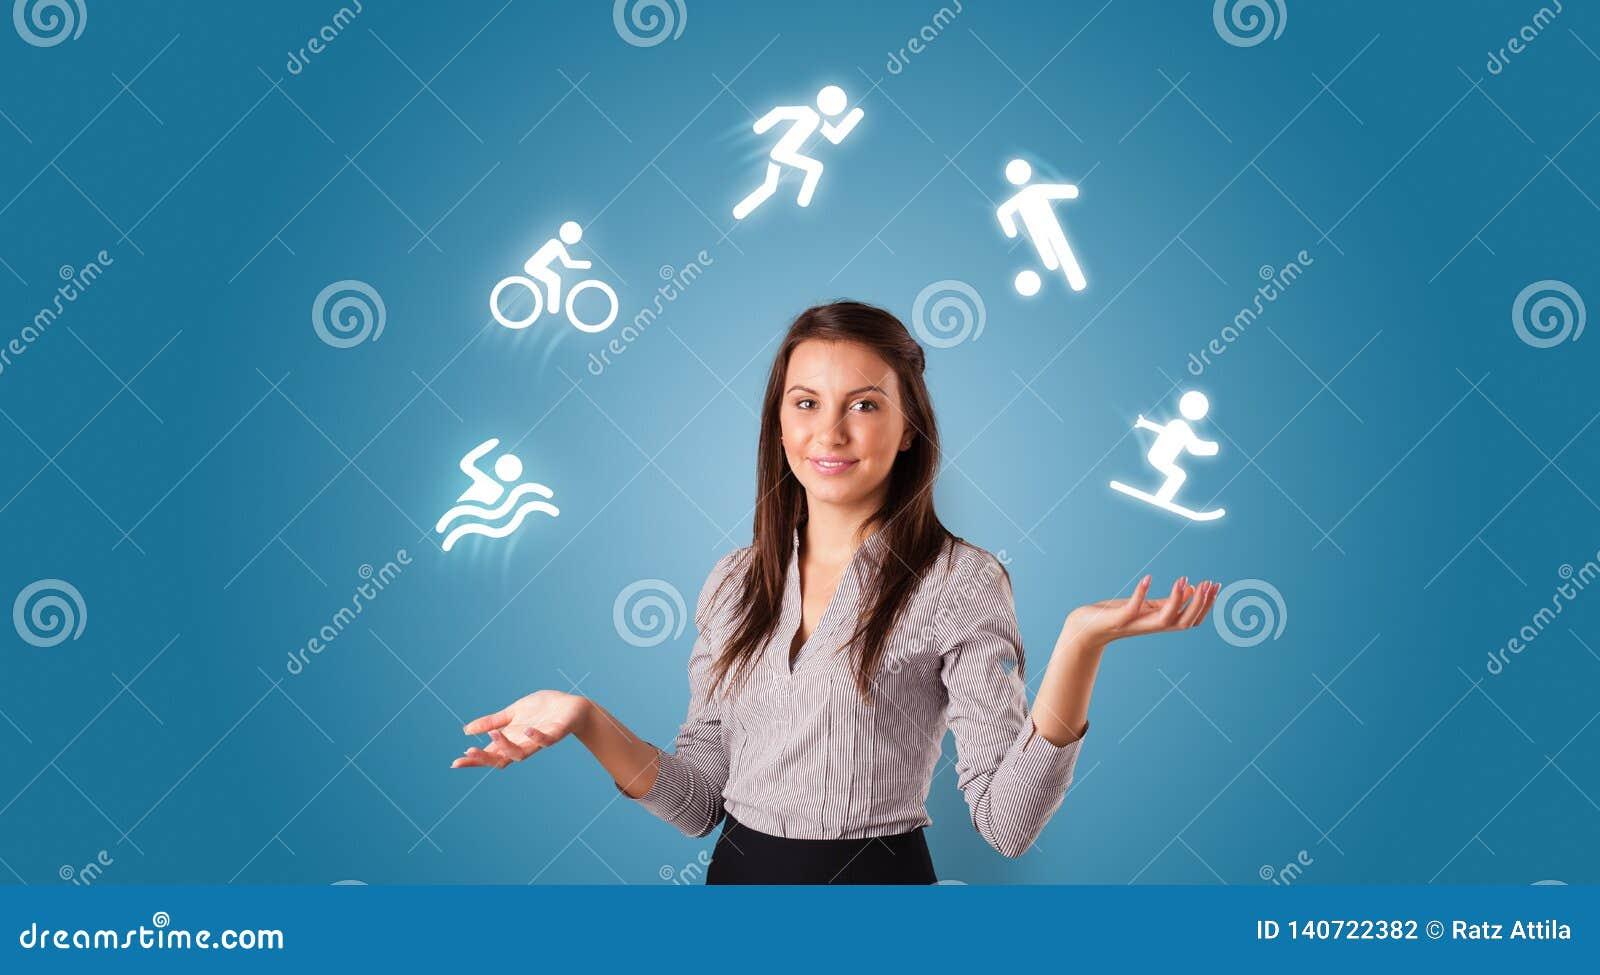 Человек жонглирует с концепцией хобби